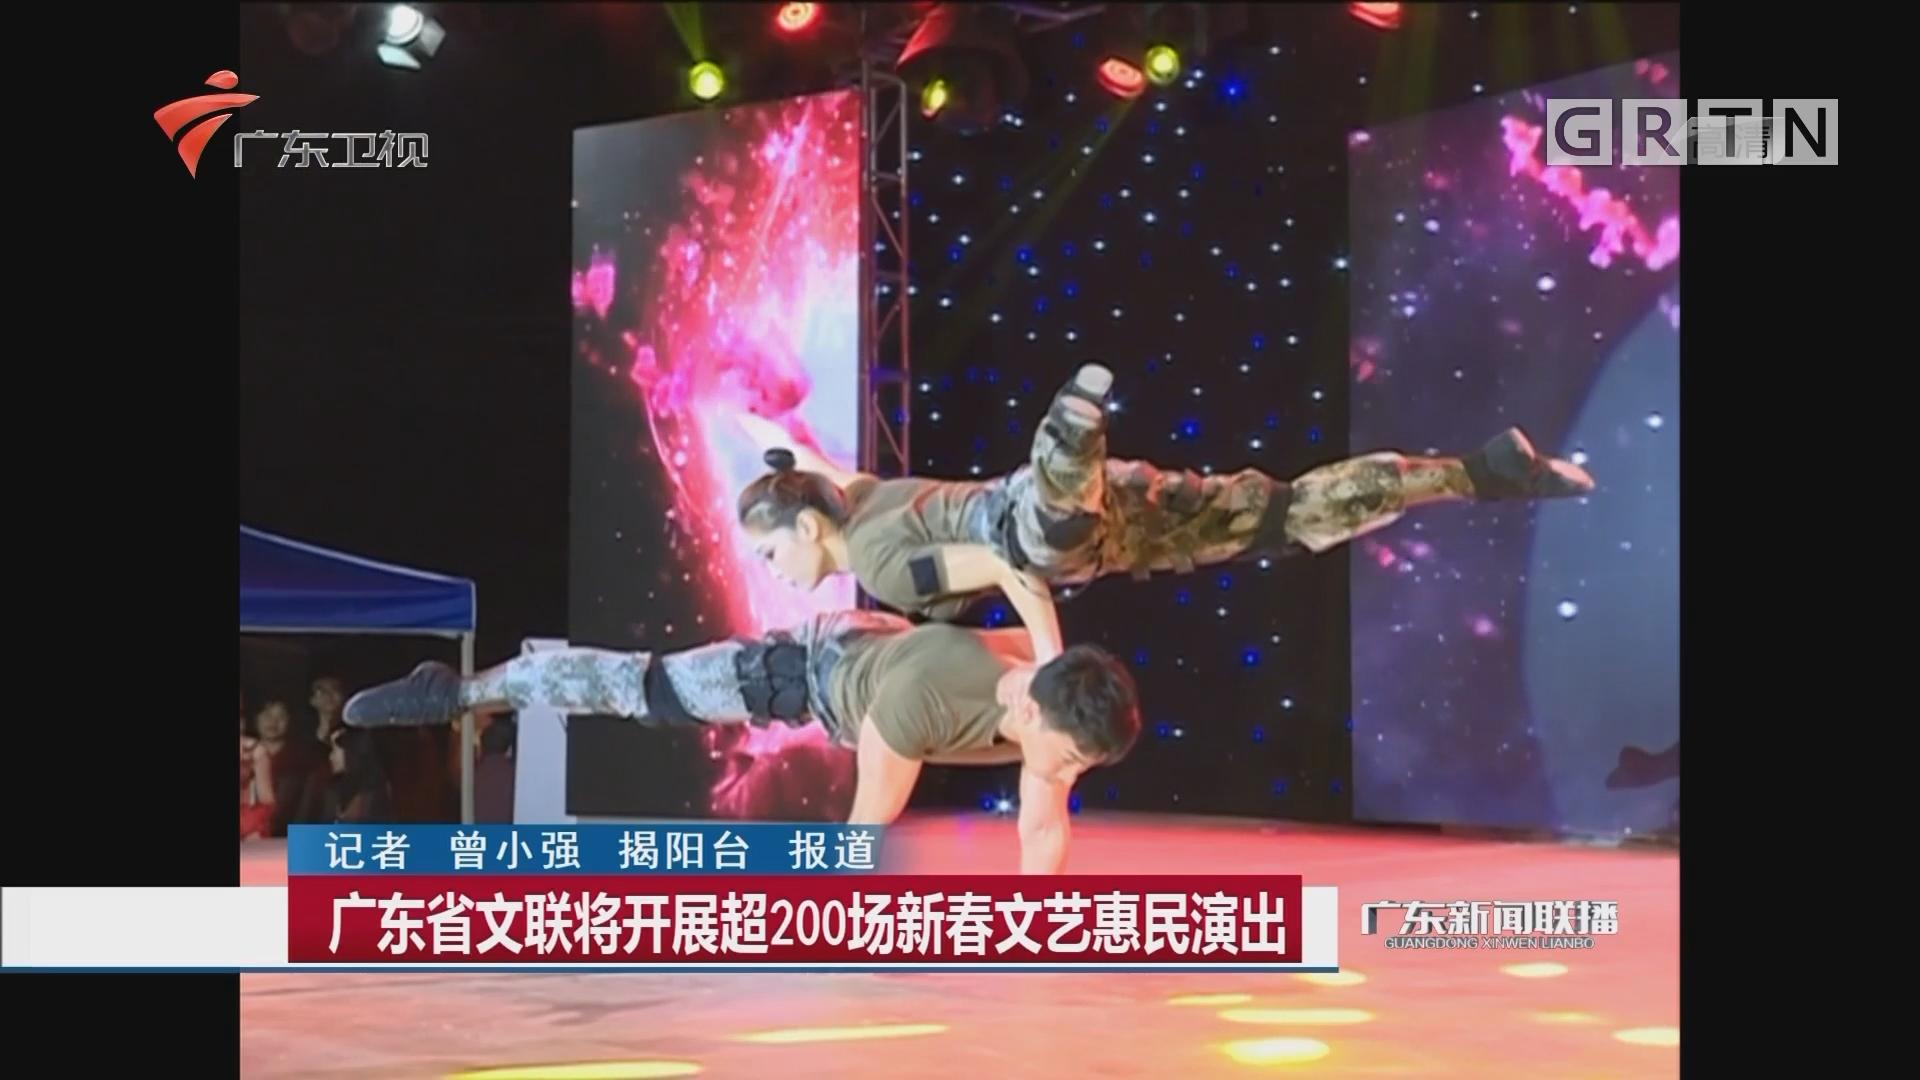 广东省文联将开展超200场新春文艺惠民演出